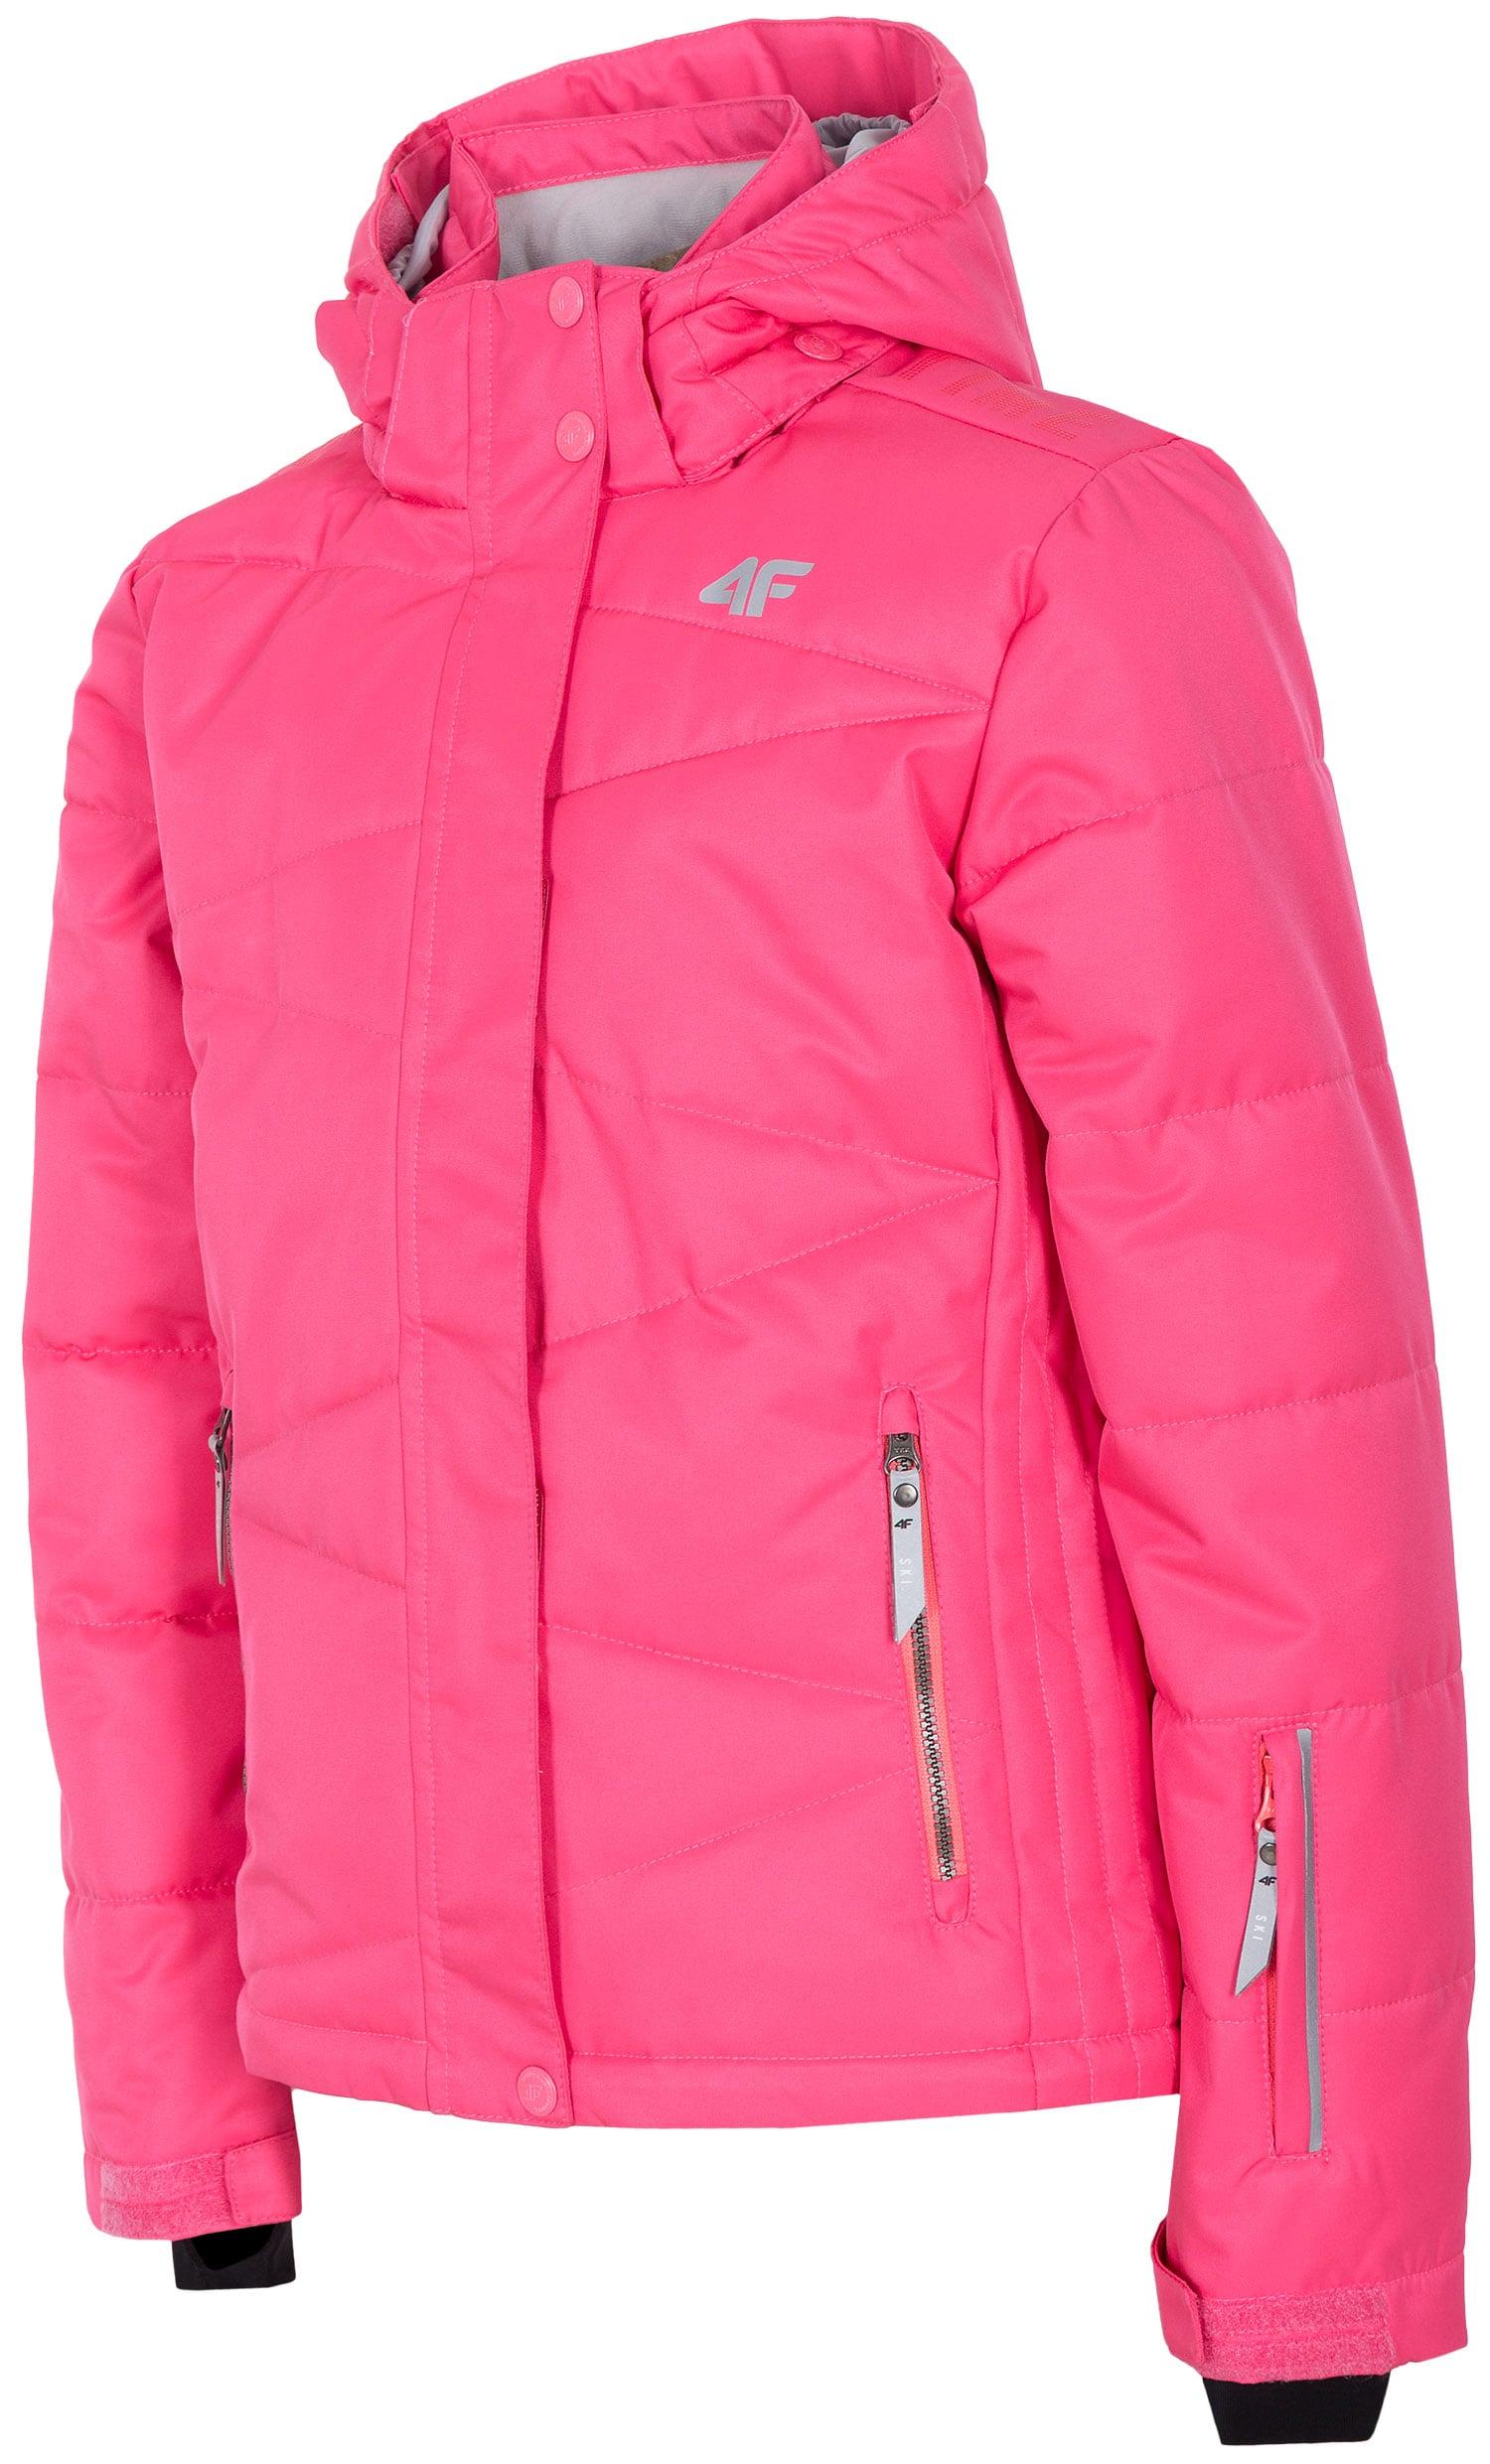 11cbd977a Lyžiarska bunda pre staršie deti (dievčatá) JKUDN400 - fuksiová